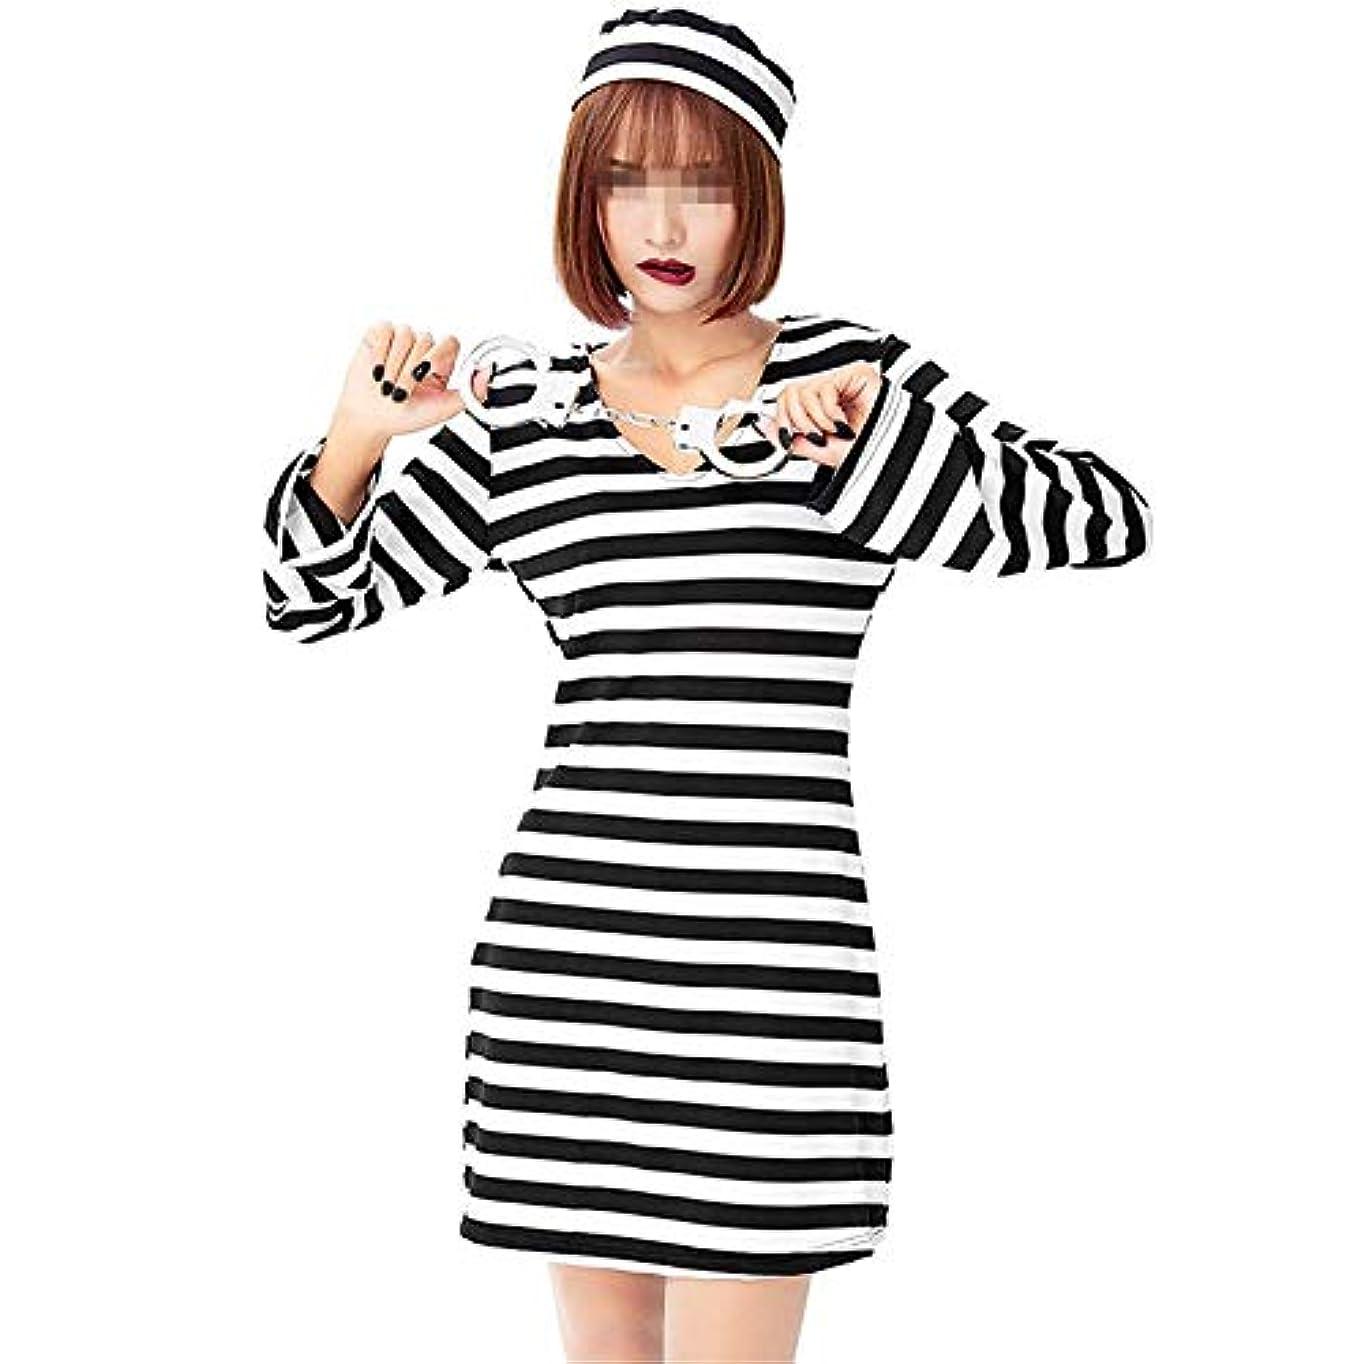 拡散する逆さまに徹底女性用ハロウィンコスチューム ハロウィーンドレス女性囚人ロールプレイコスチュームドレスハロウィーン用 女性のホーンテッドコスチューム (Color : Multi-colored, Size : M)